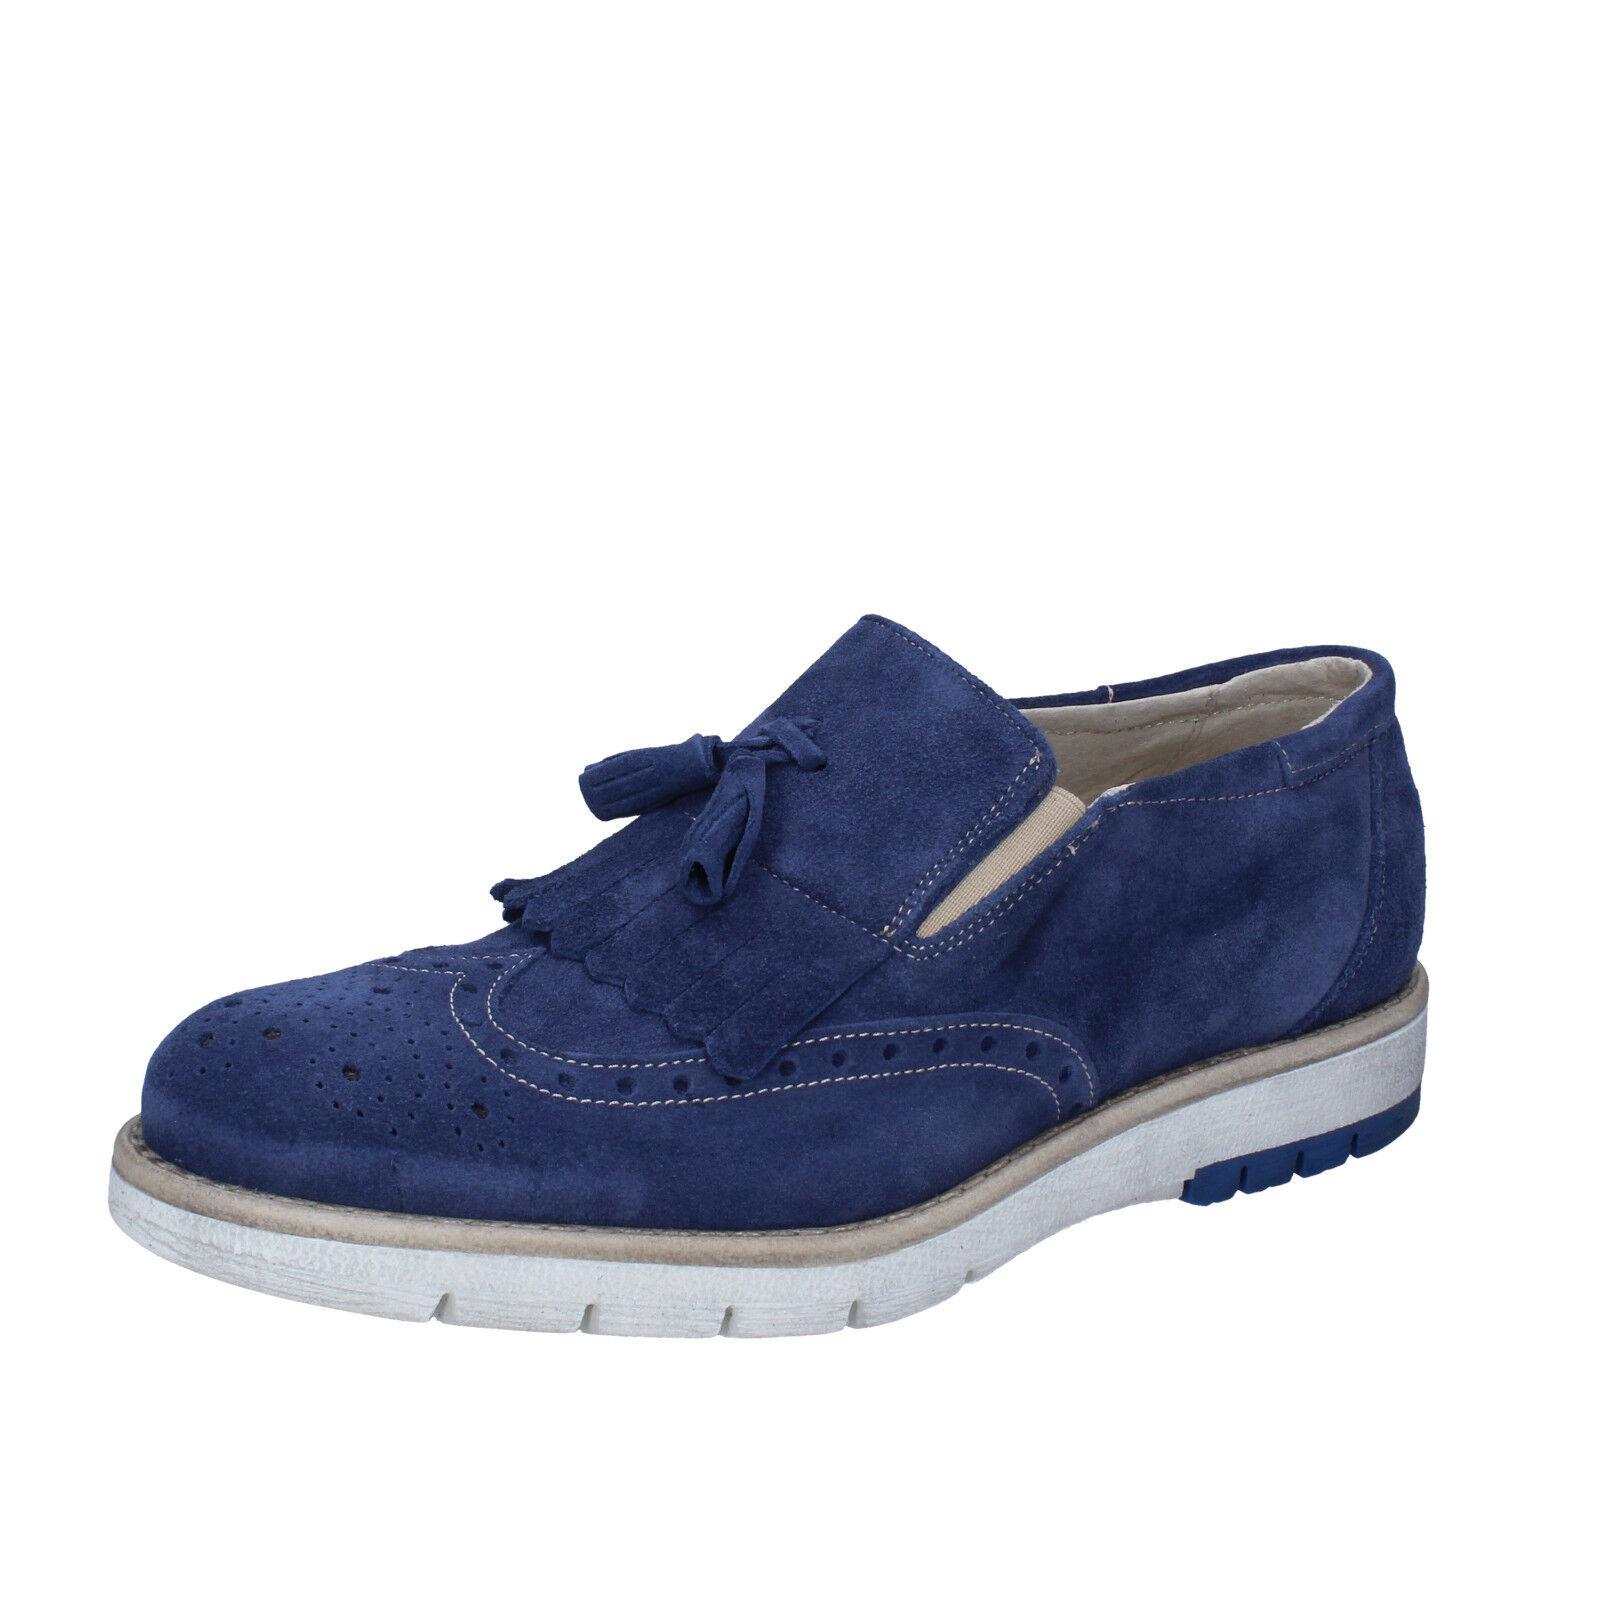 scarpe uomo KEP'S 44 classiche blu camoscio BZ886-F